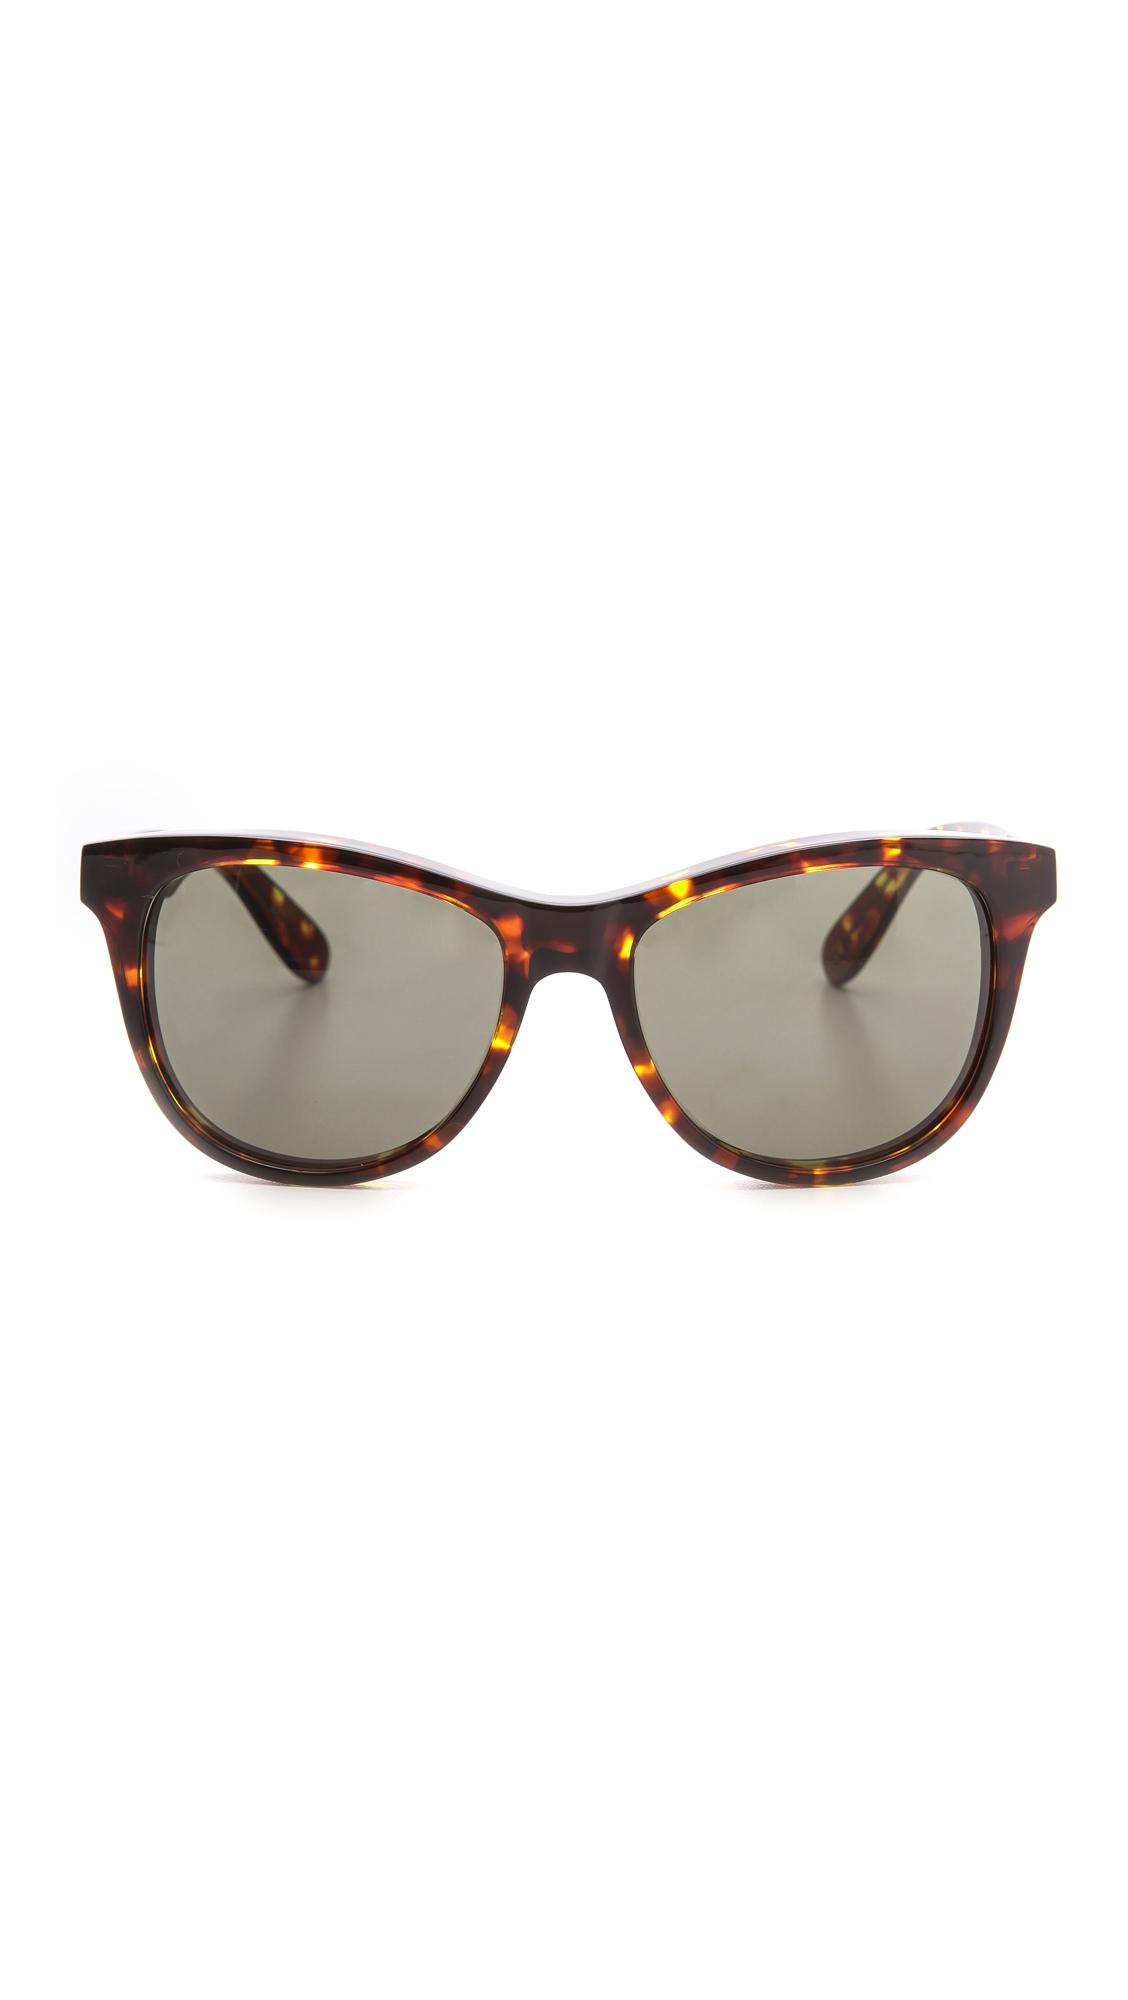 Amazon.com: wayfarer sunglasses